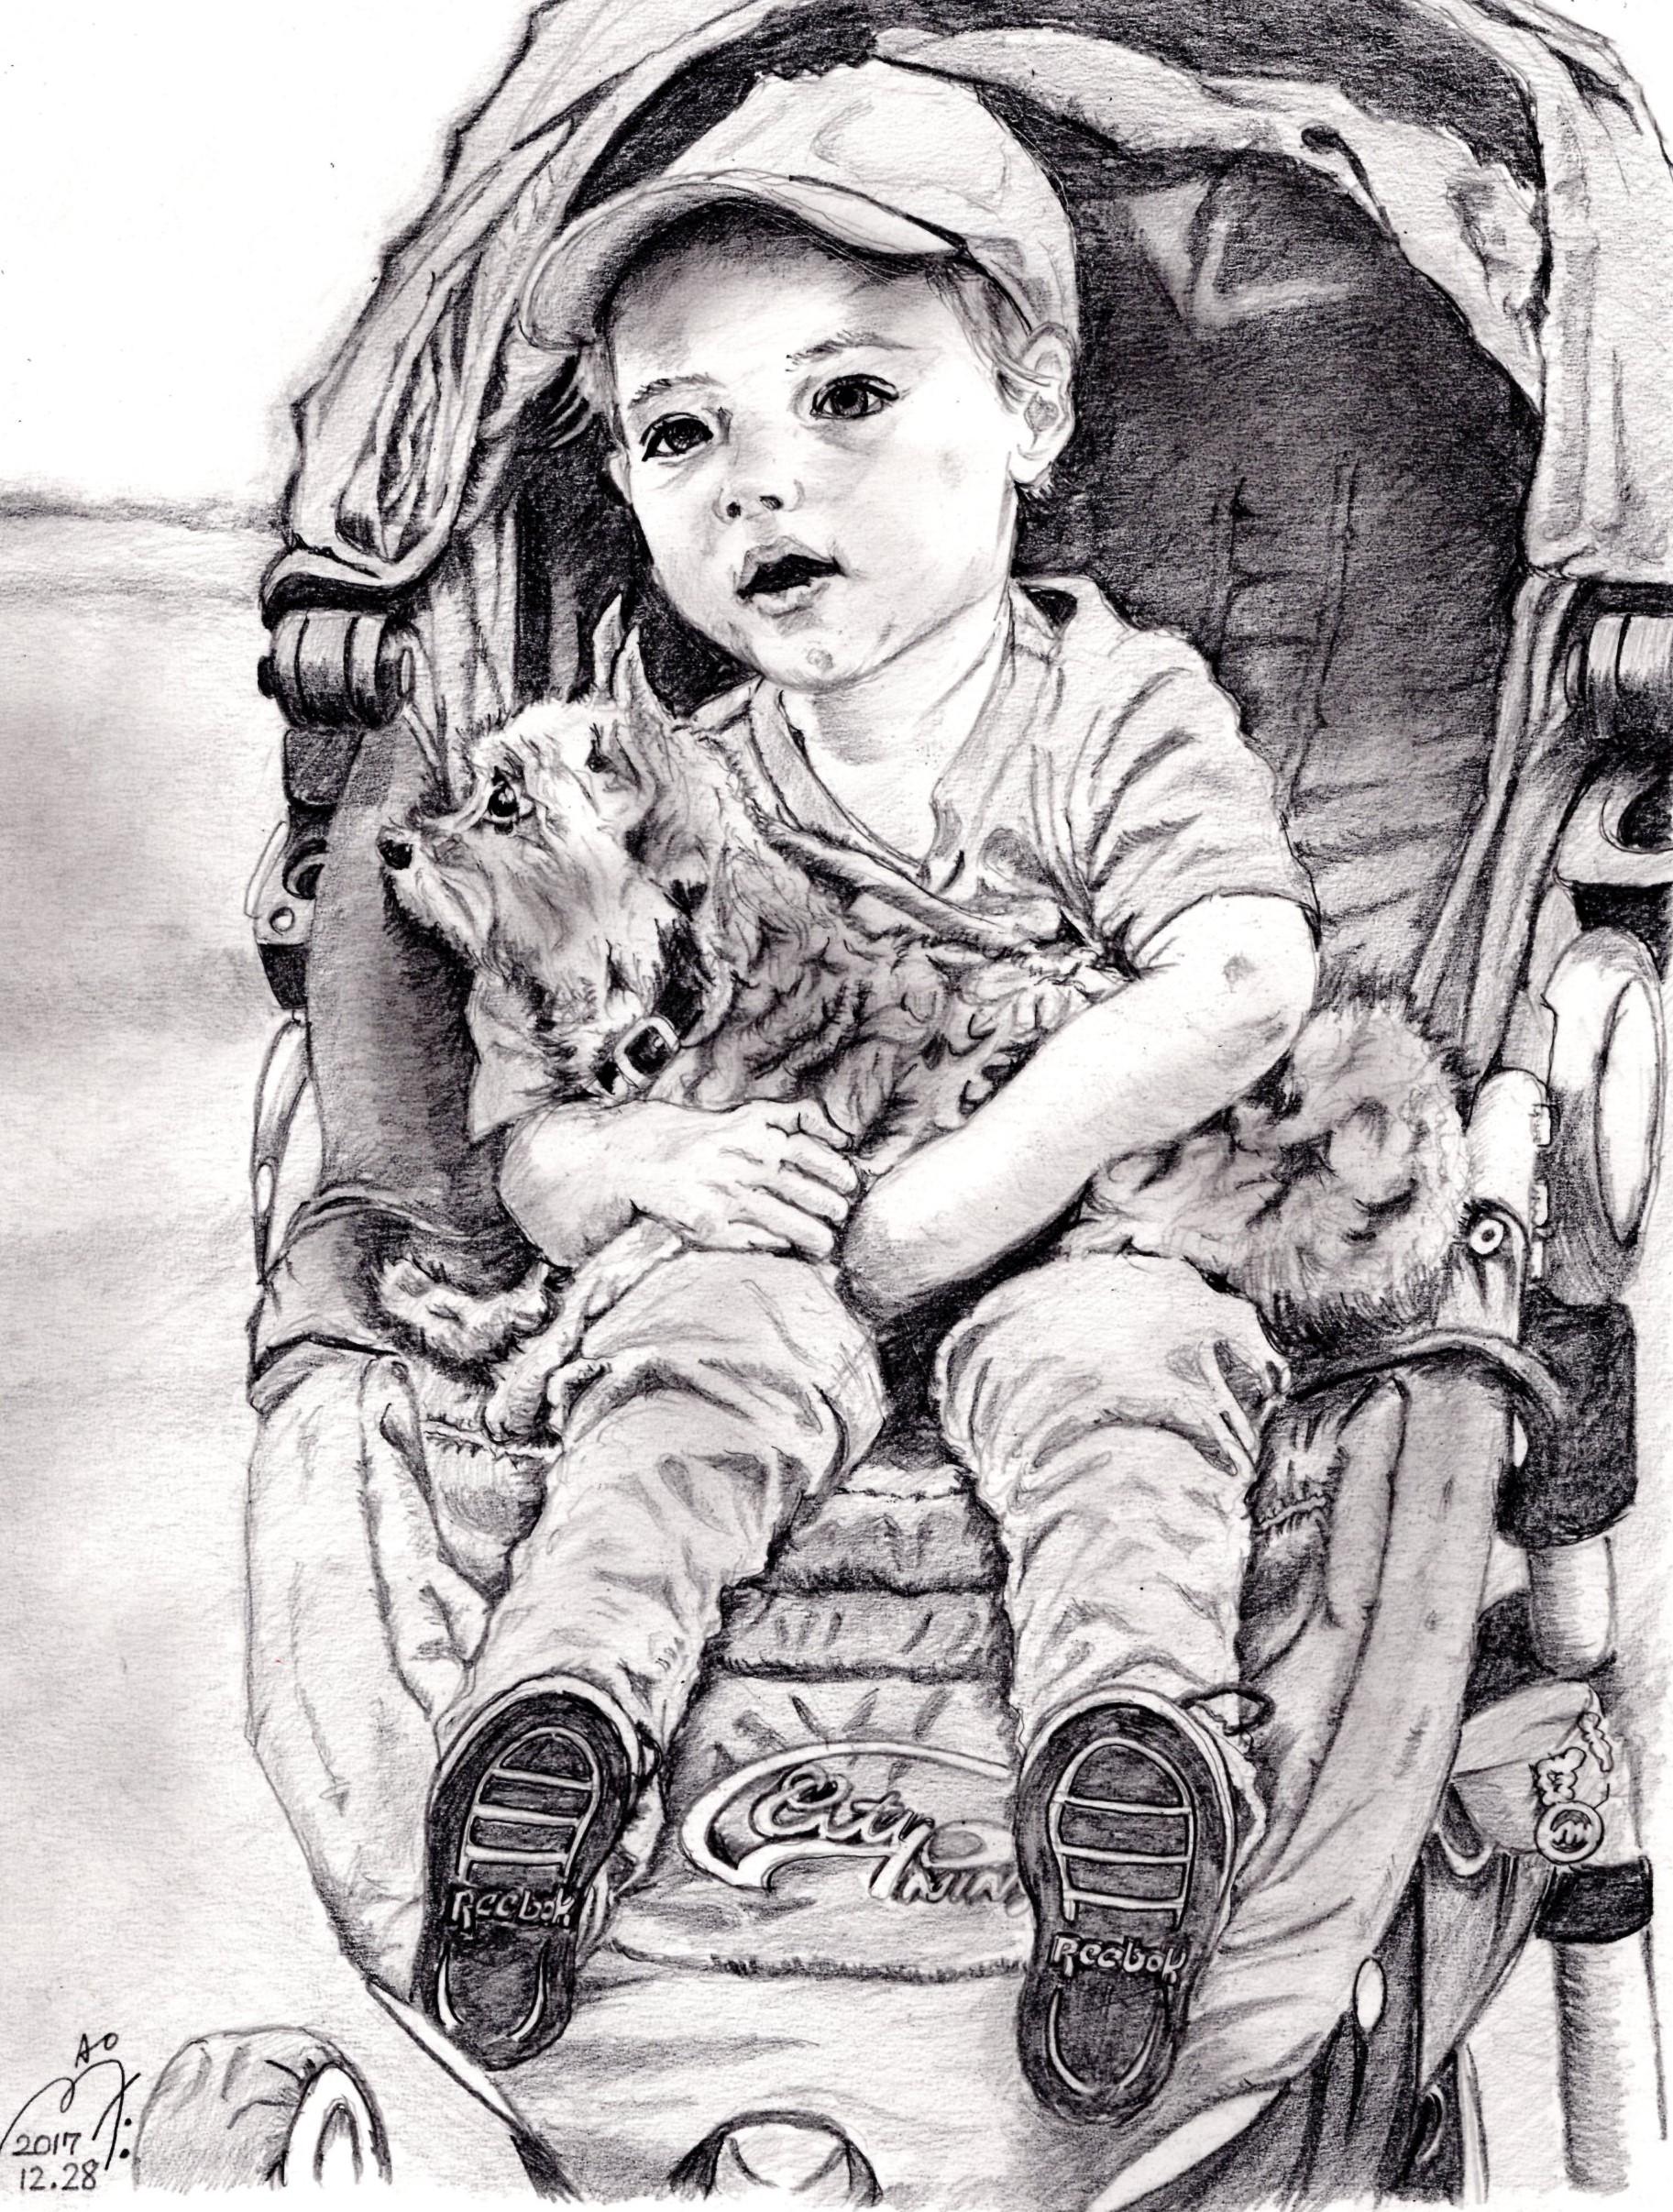 ミランダ・カーの息子フリン君の鉛筆画似顔絵